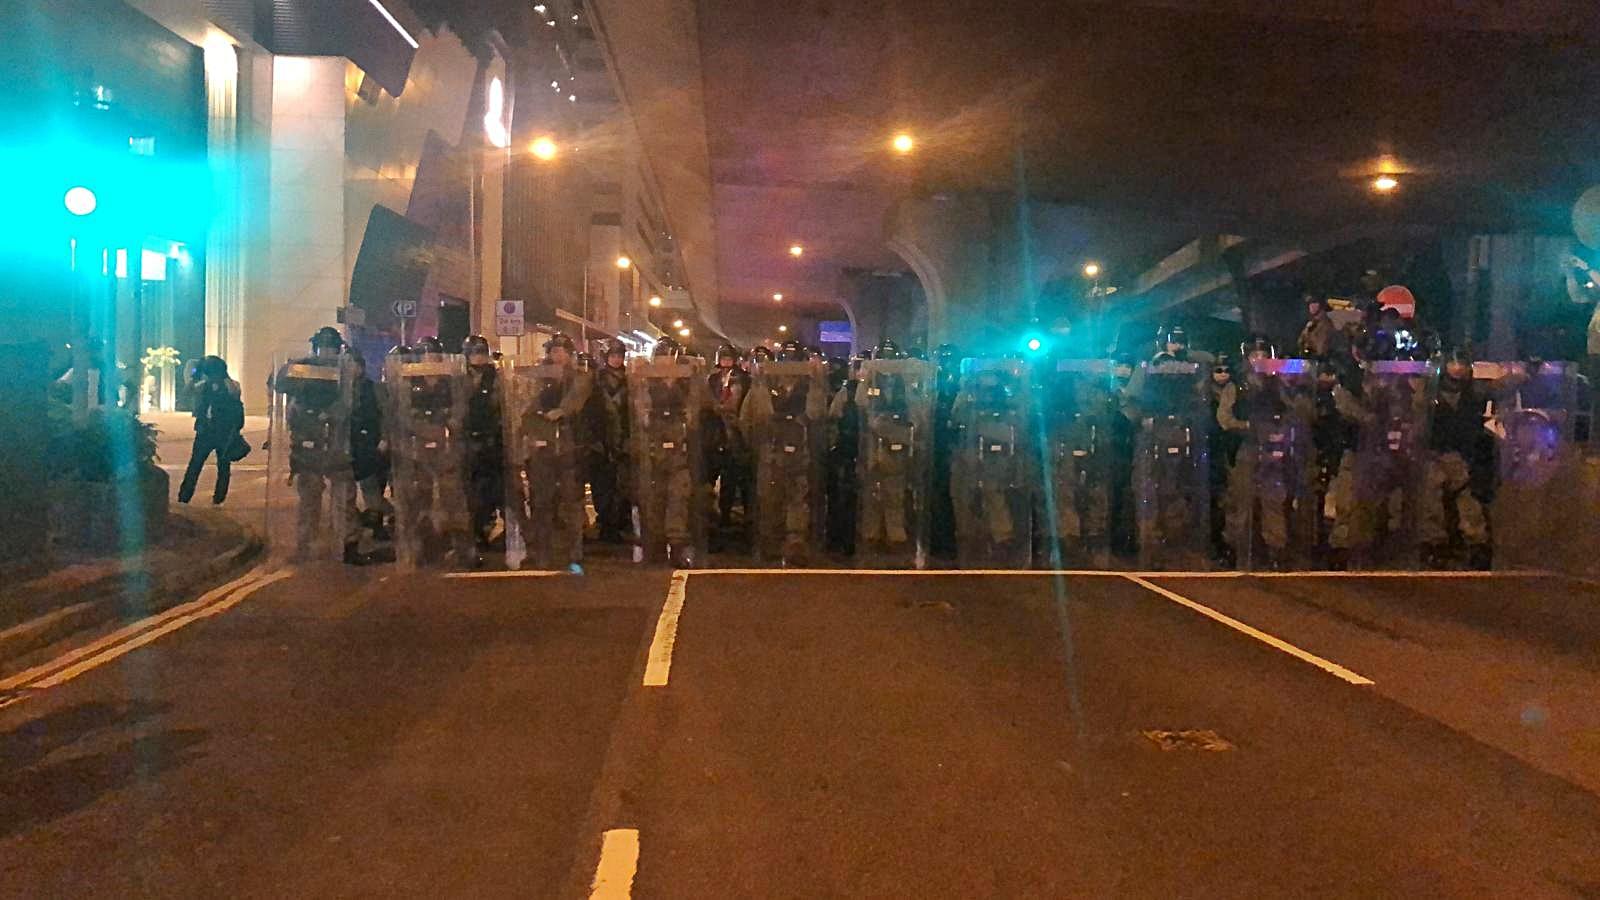 【721遊行】防暴警舉黑旗出動催淚煙 警告示威者停止衝擊